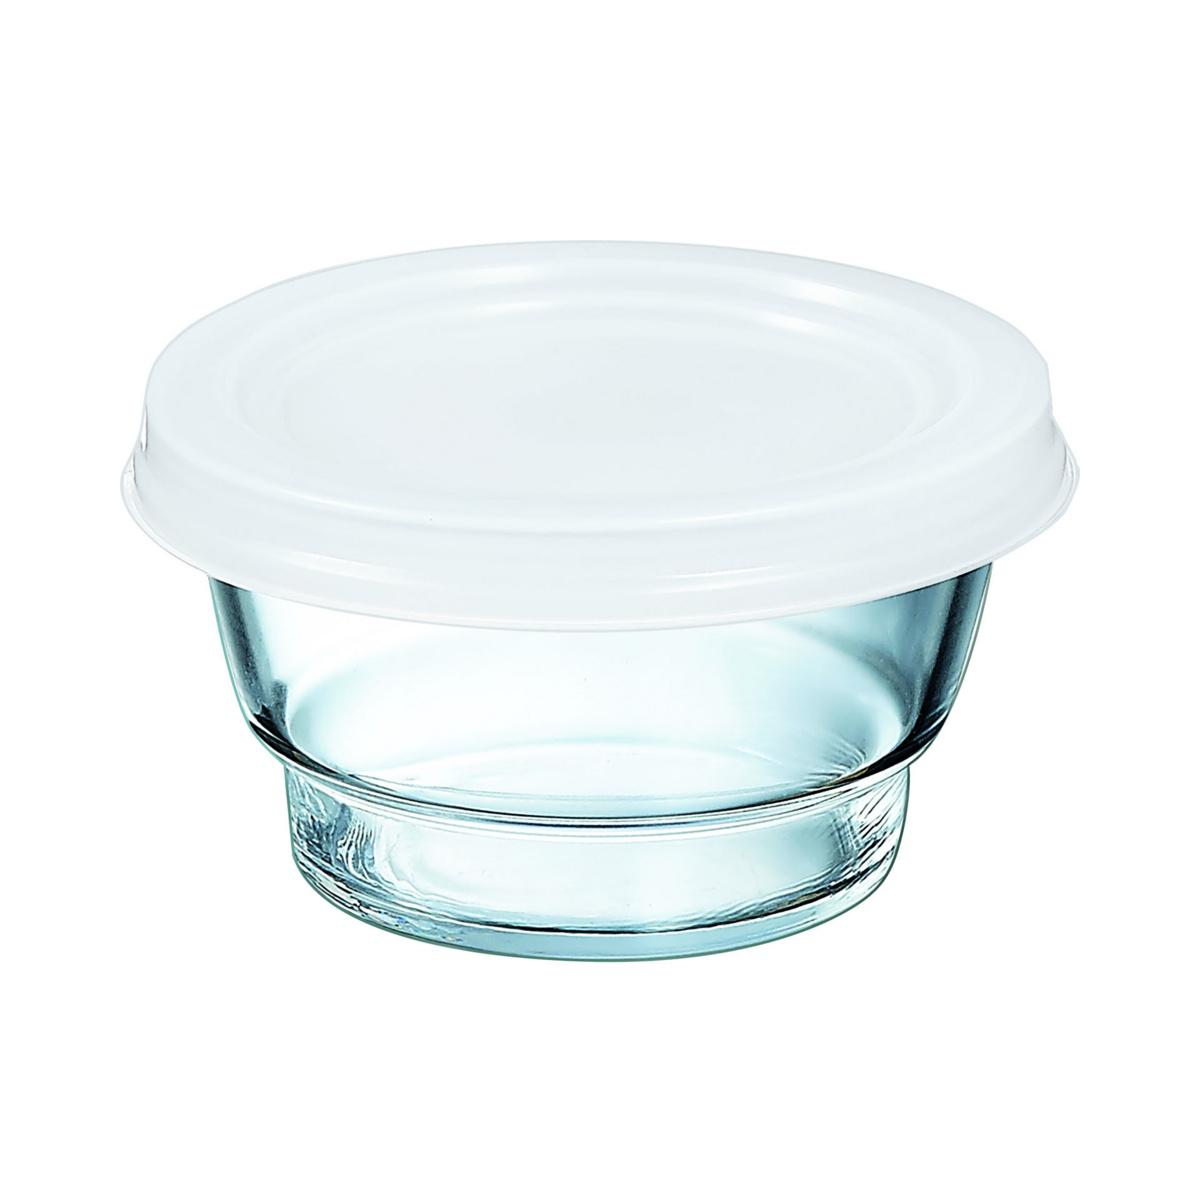 Bol avec couvercle rond transparent verre 37 cl Ø 110 mm So Urban Arcoroc